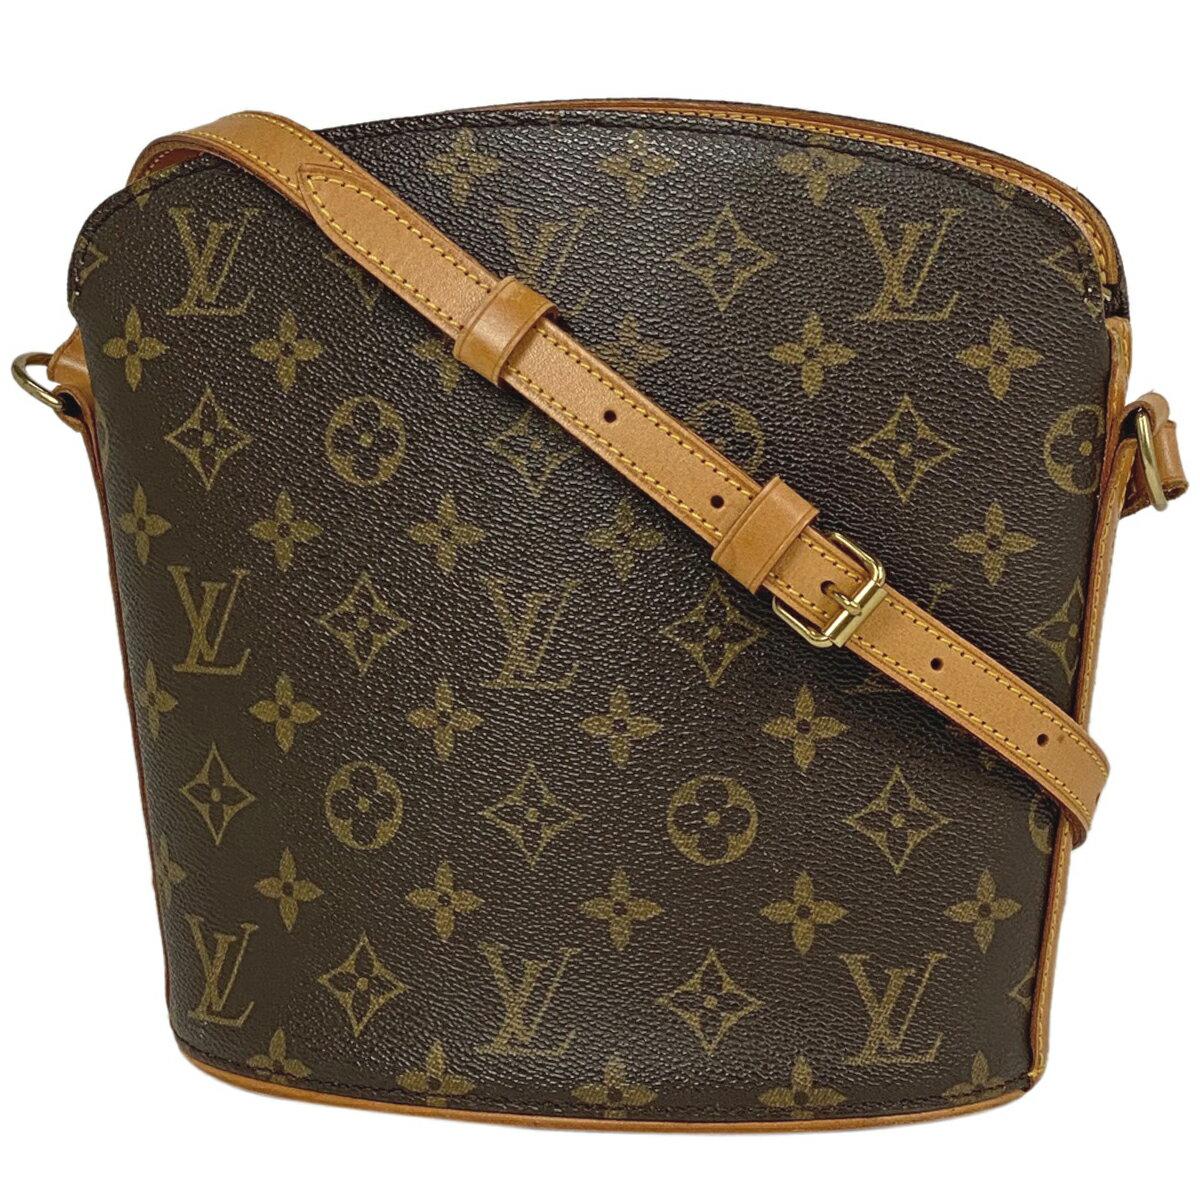 レディースバッグ, ショルダーバッグ・メッセンジャーバッグ  Louis Vuitton M51290